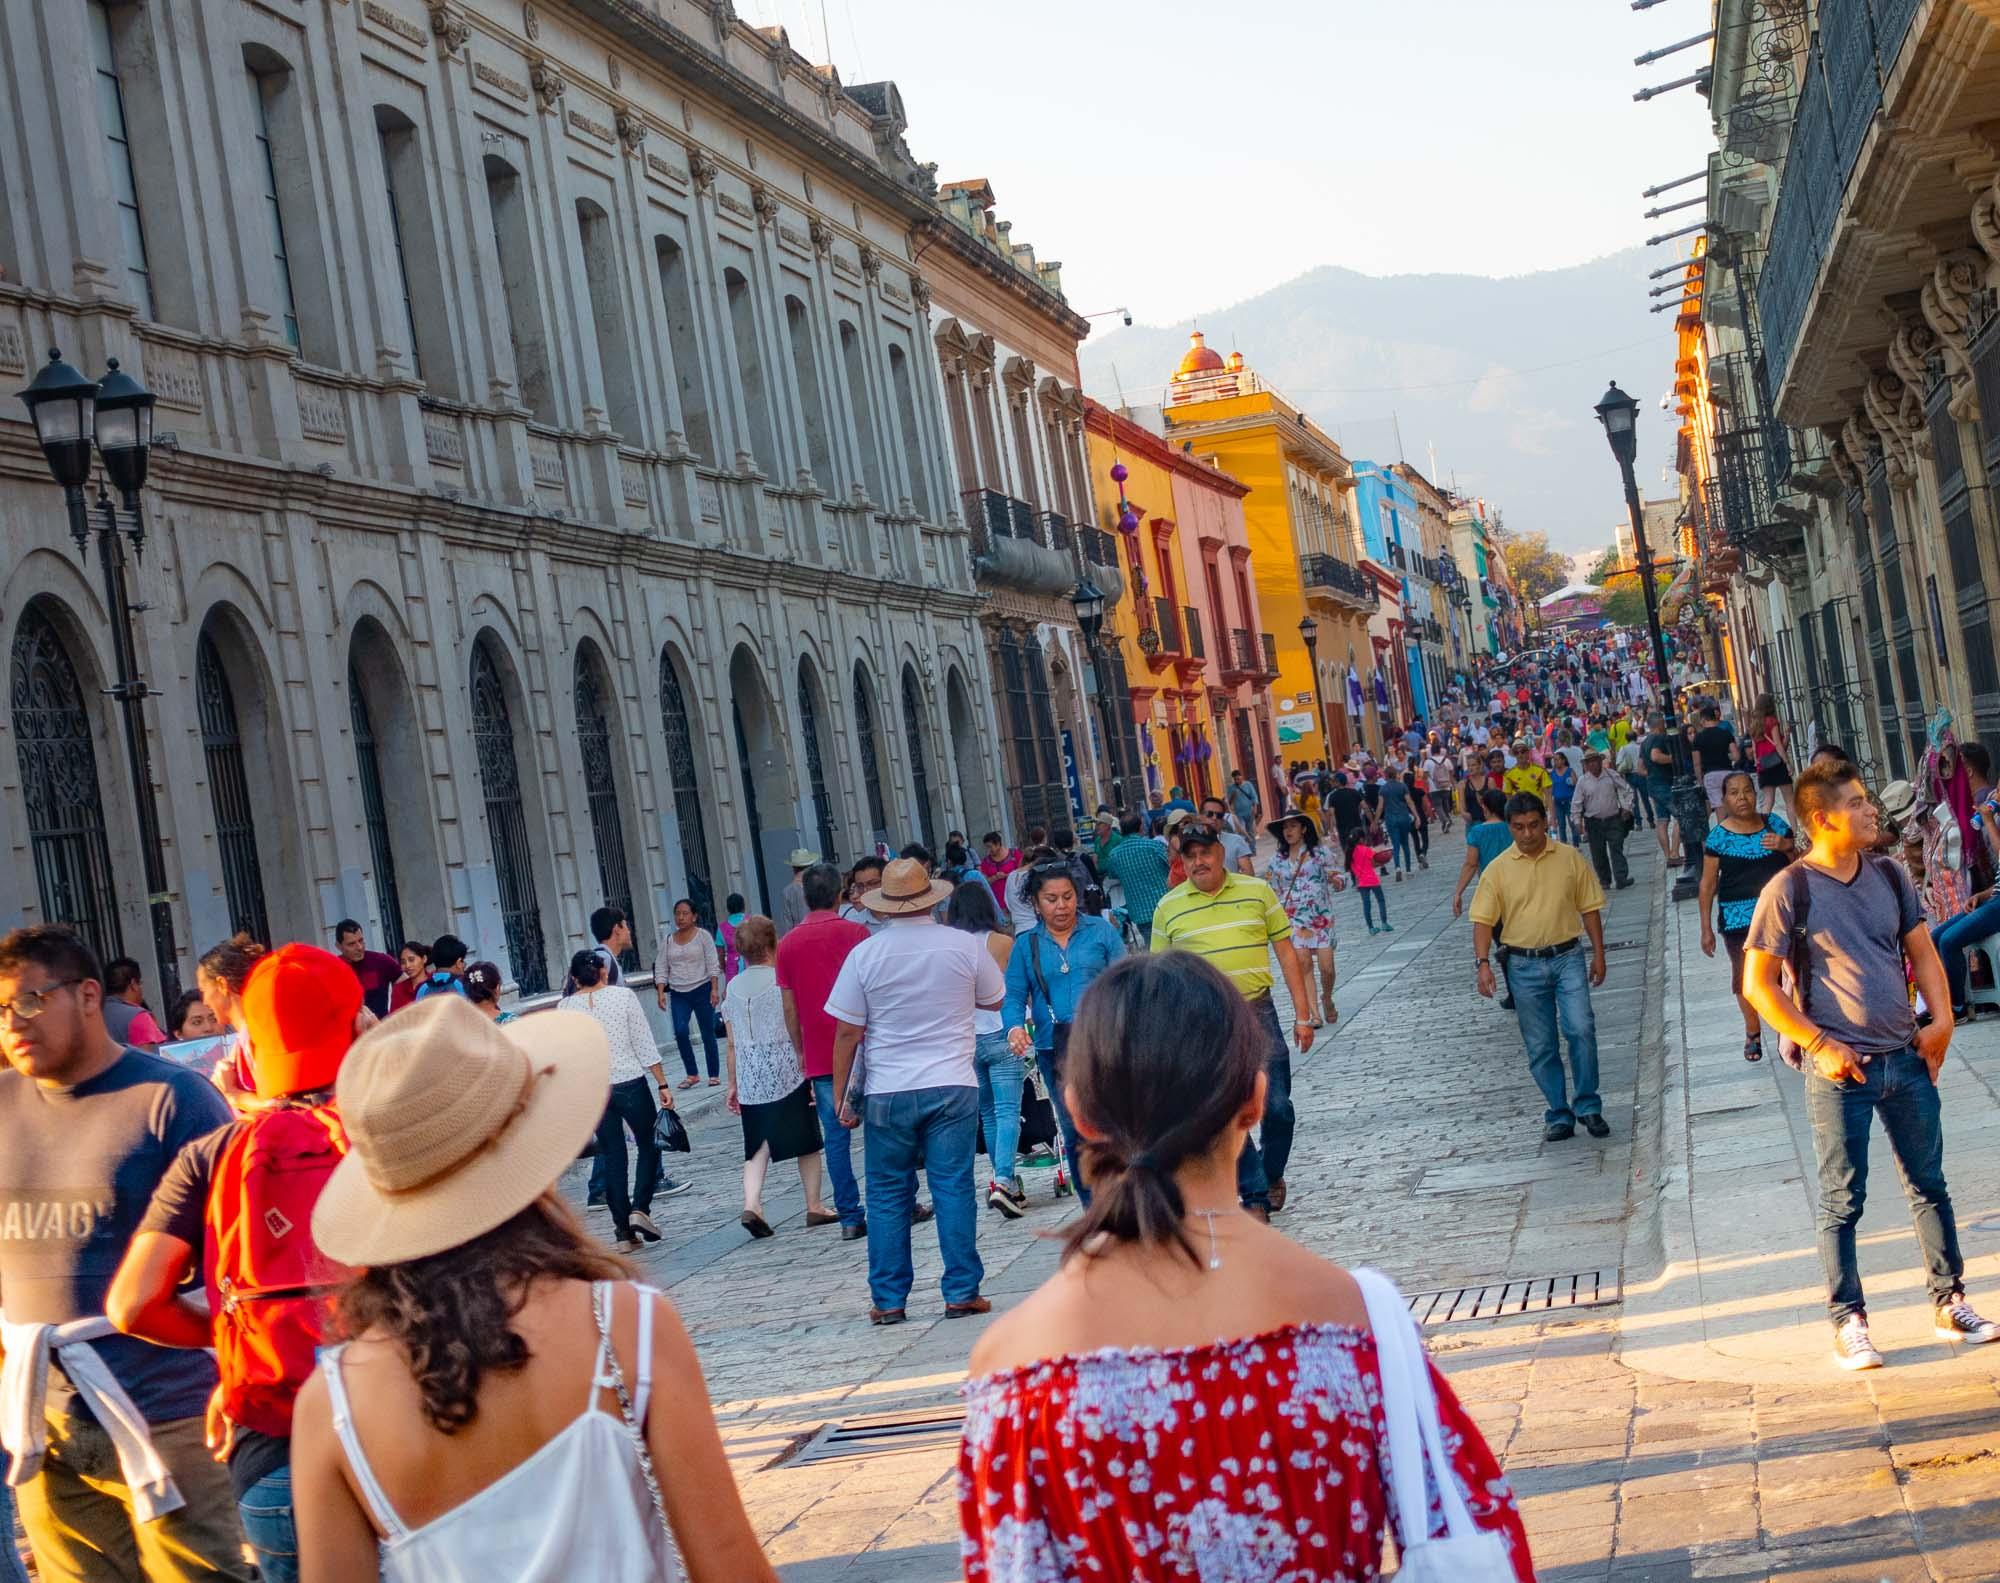 Evening strollers Oaxaca_DSC5048.jpg